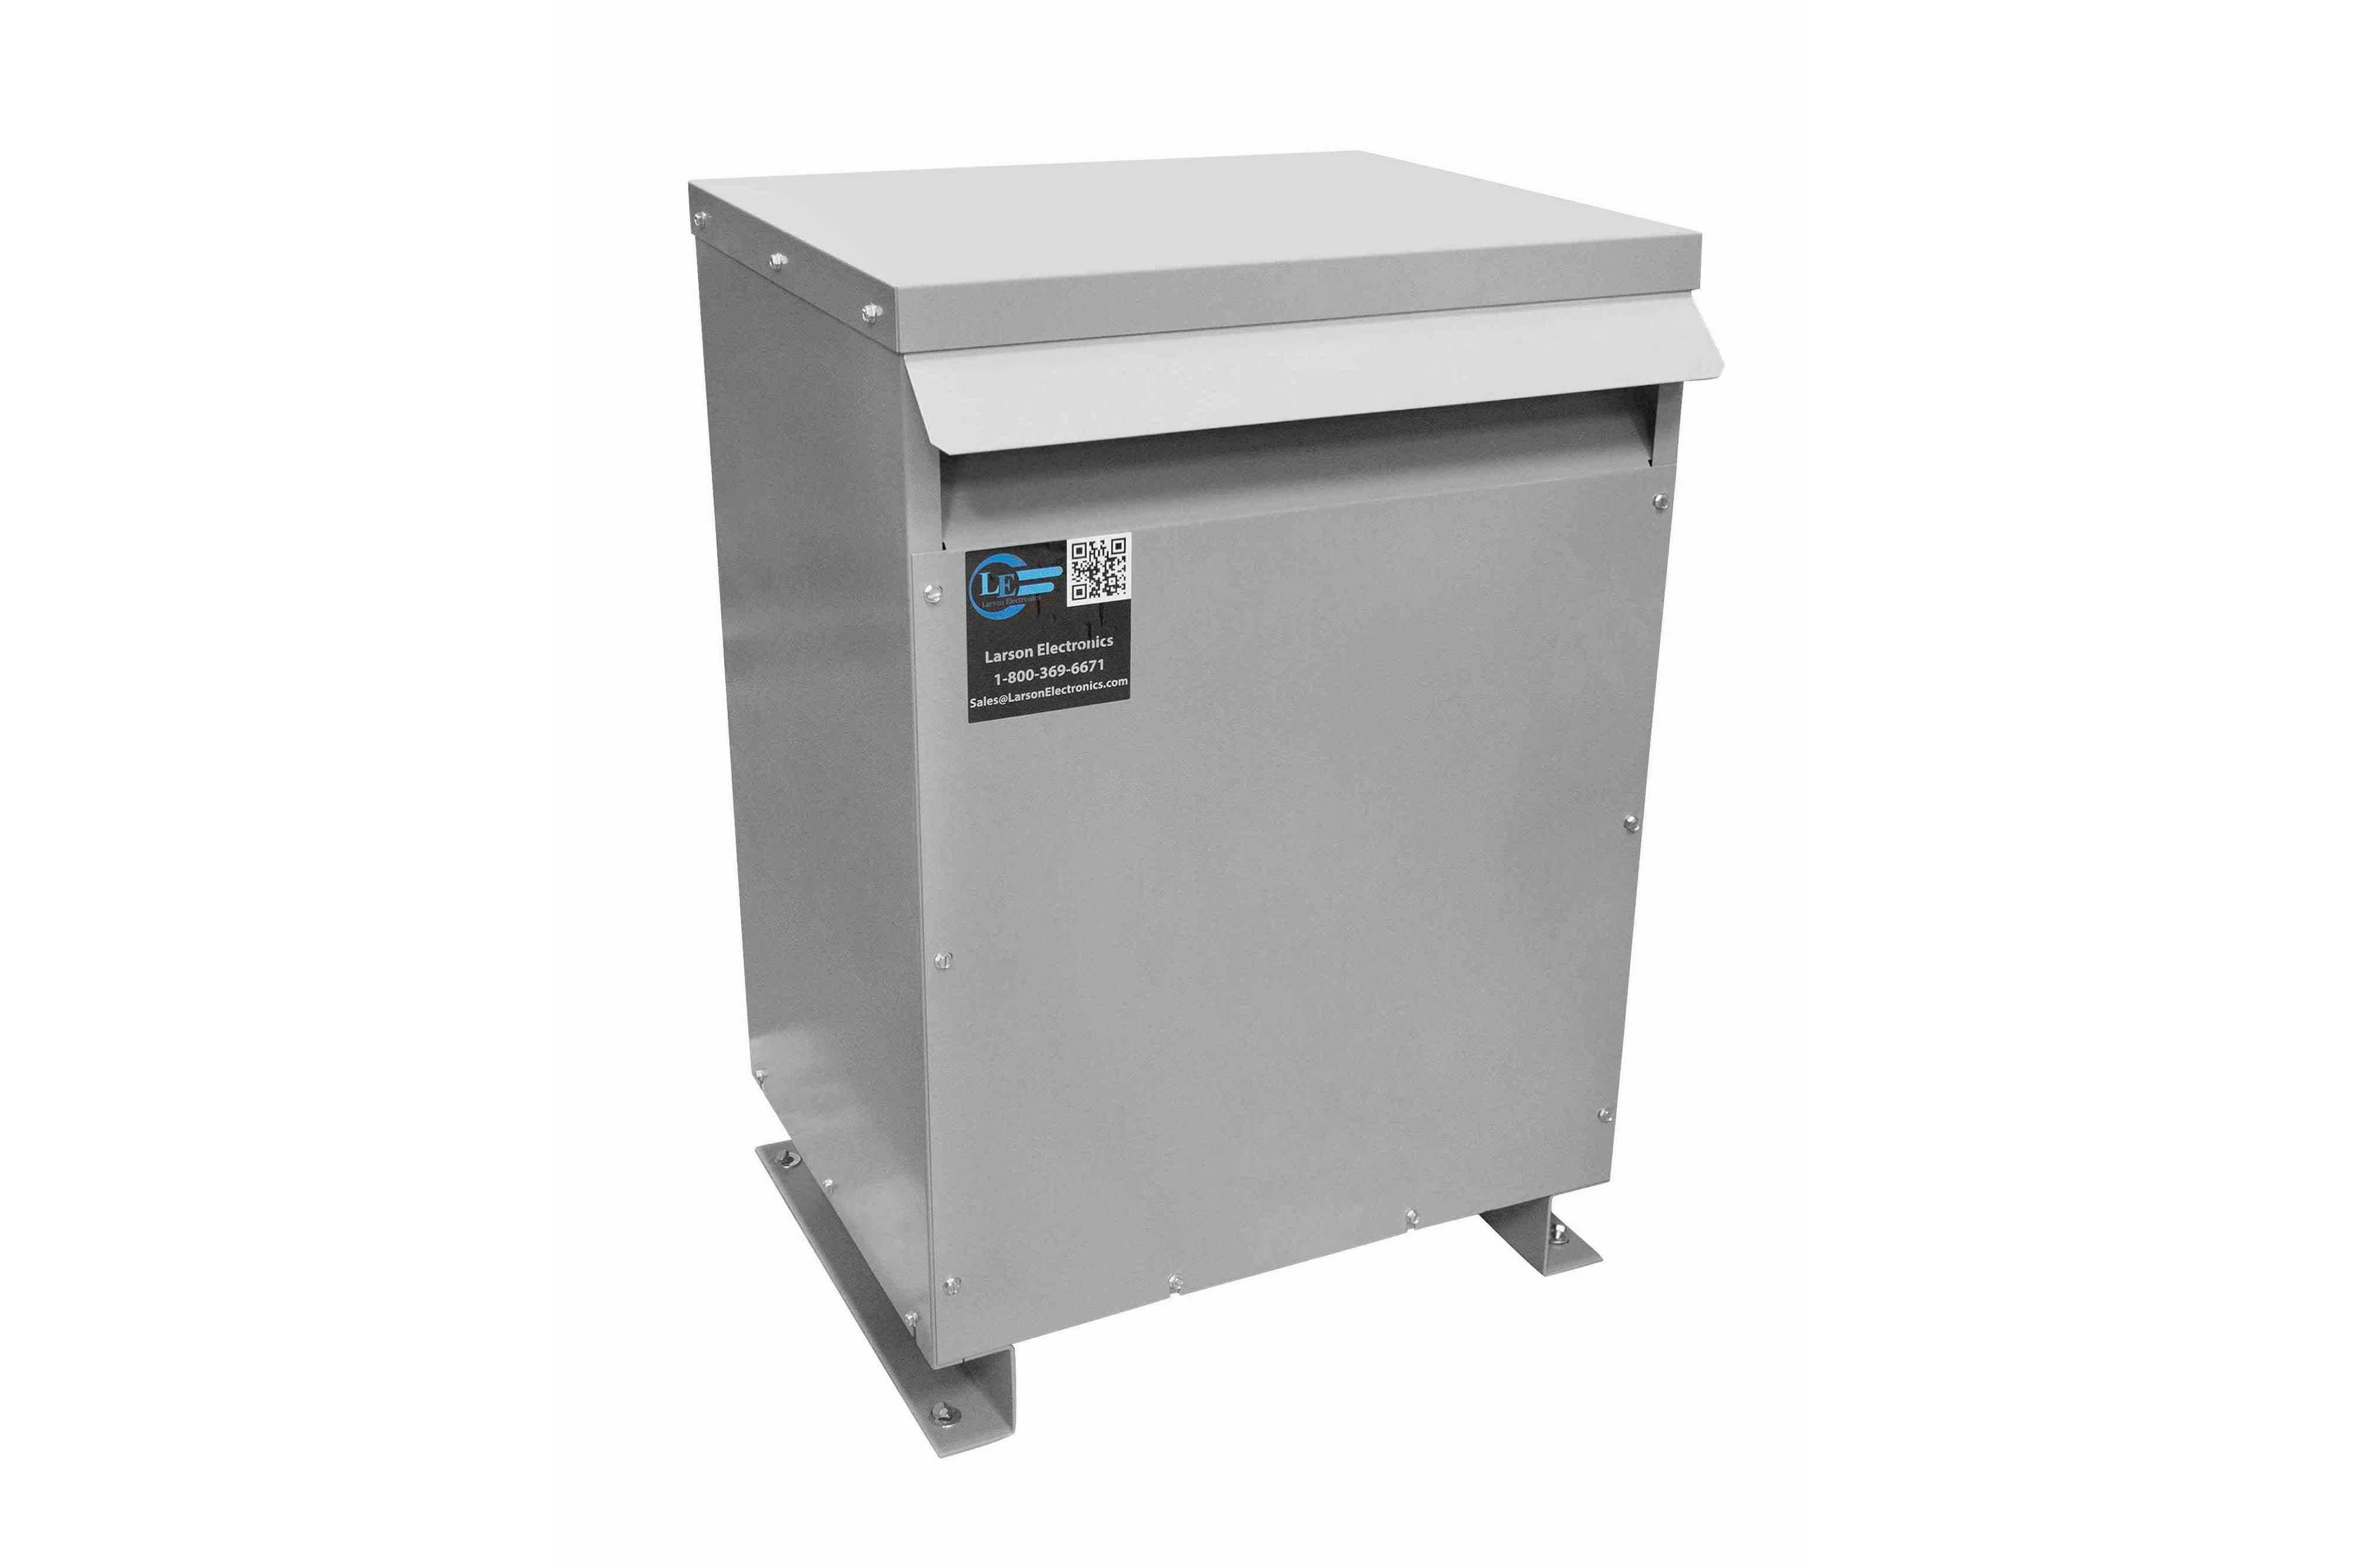 237.5 kVA 3PH Isolation Transformer, 600V Delta Primary, 415V Delta Secondary, N3R, Ventilated, 60 Hz